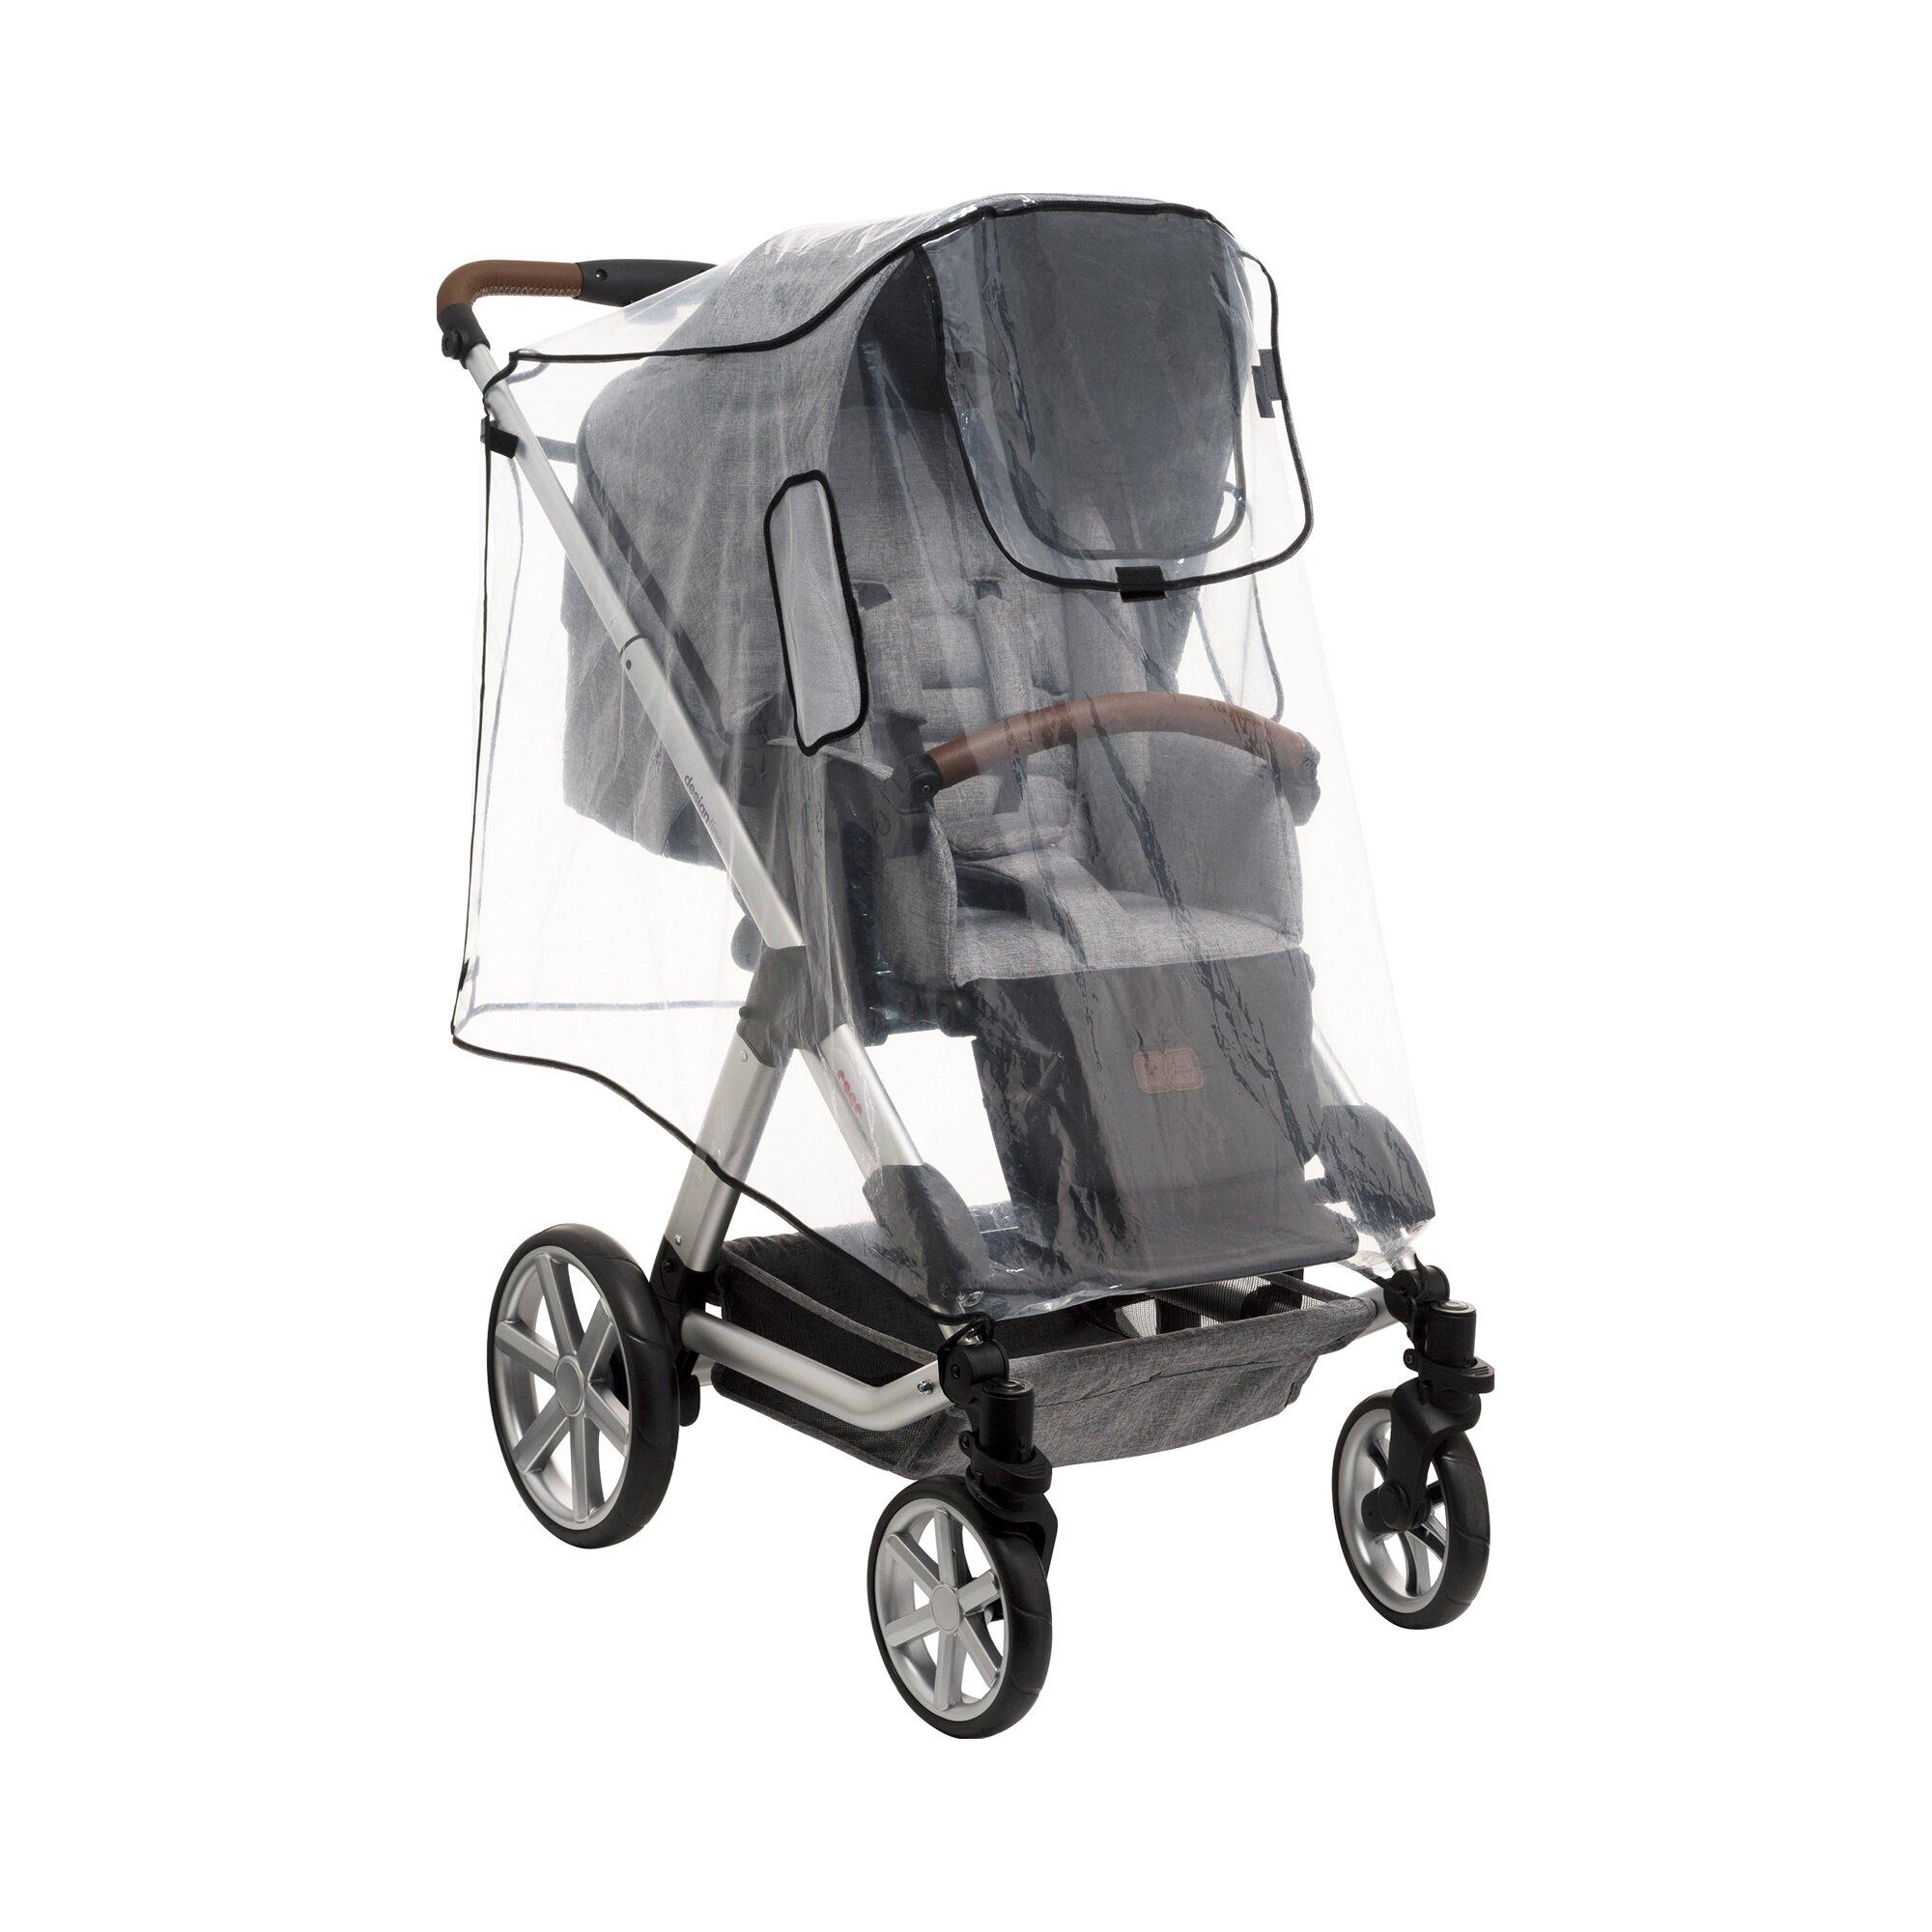 Reer Universal Regenschutz XL für Kinderwagen, Buggy transparent